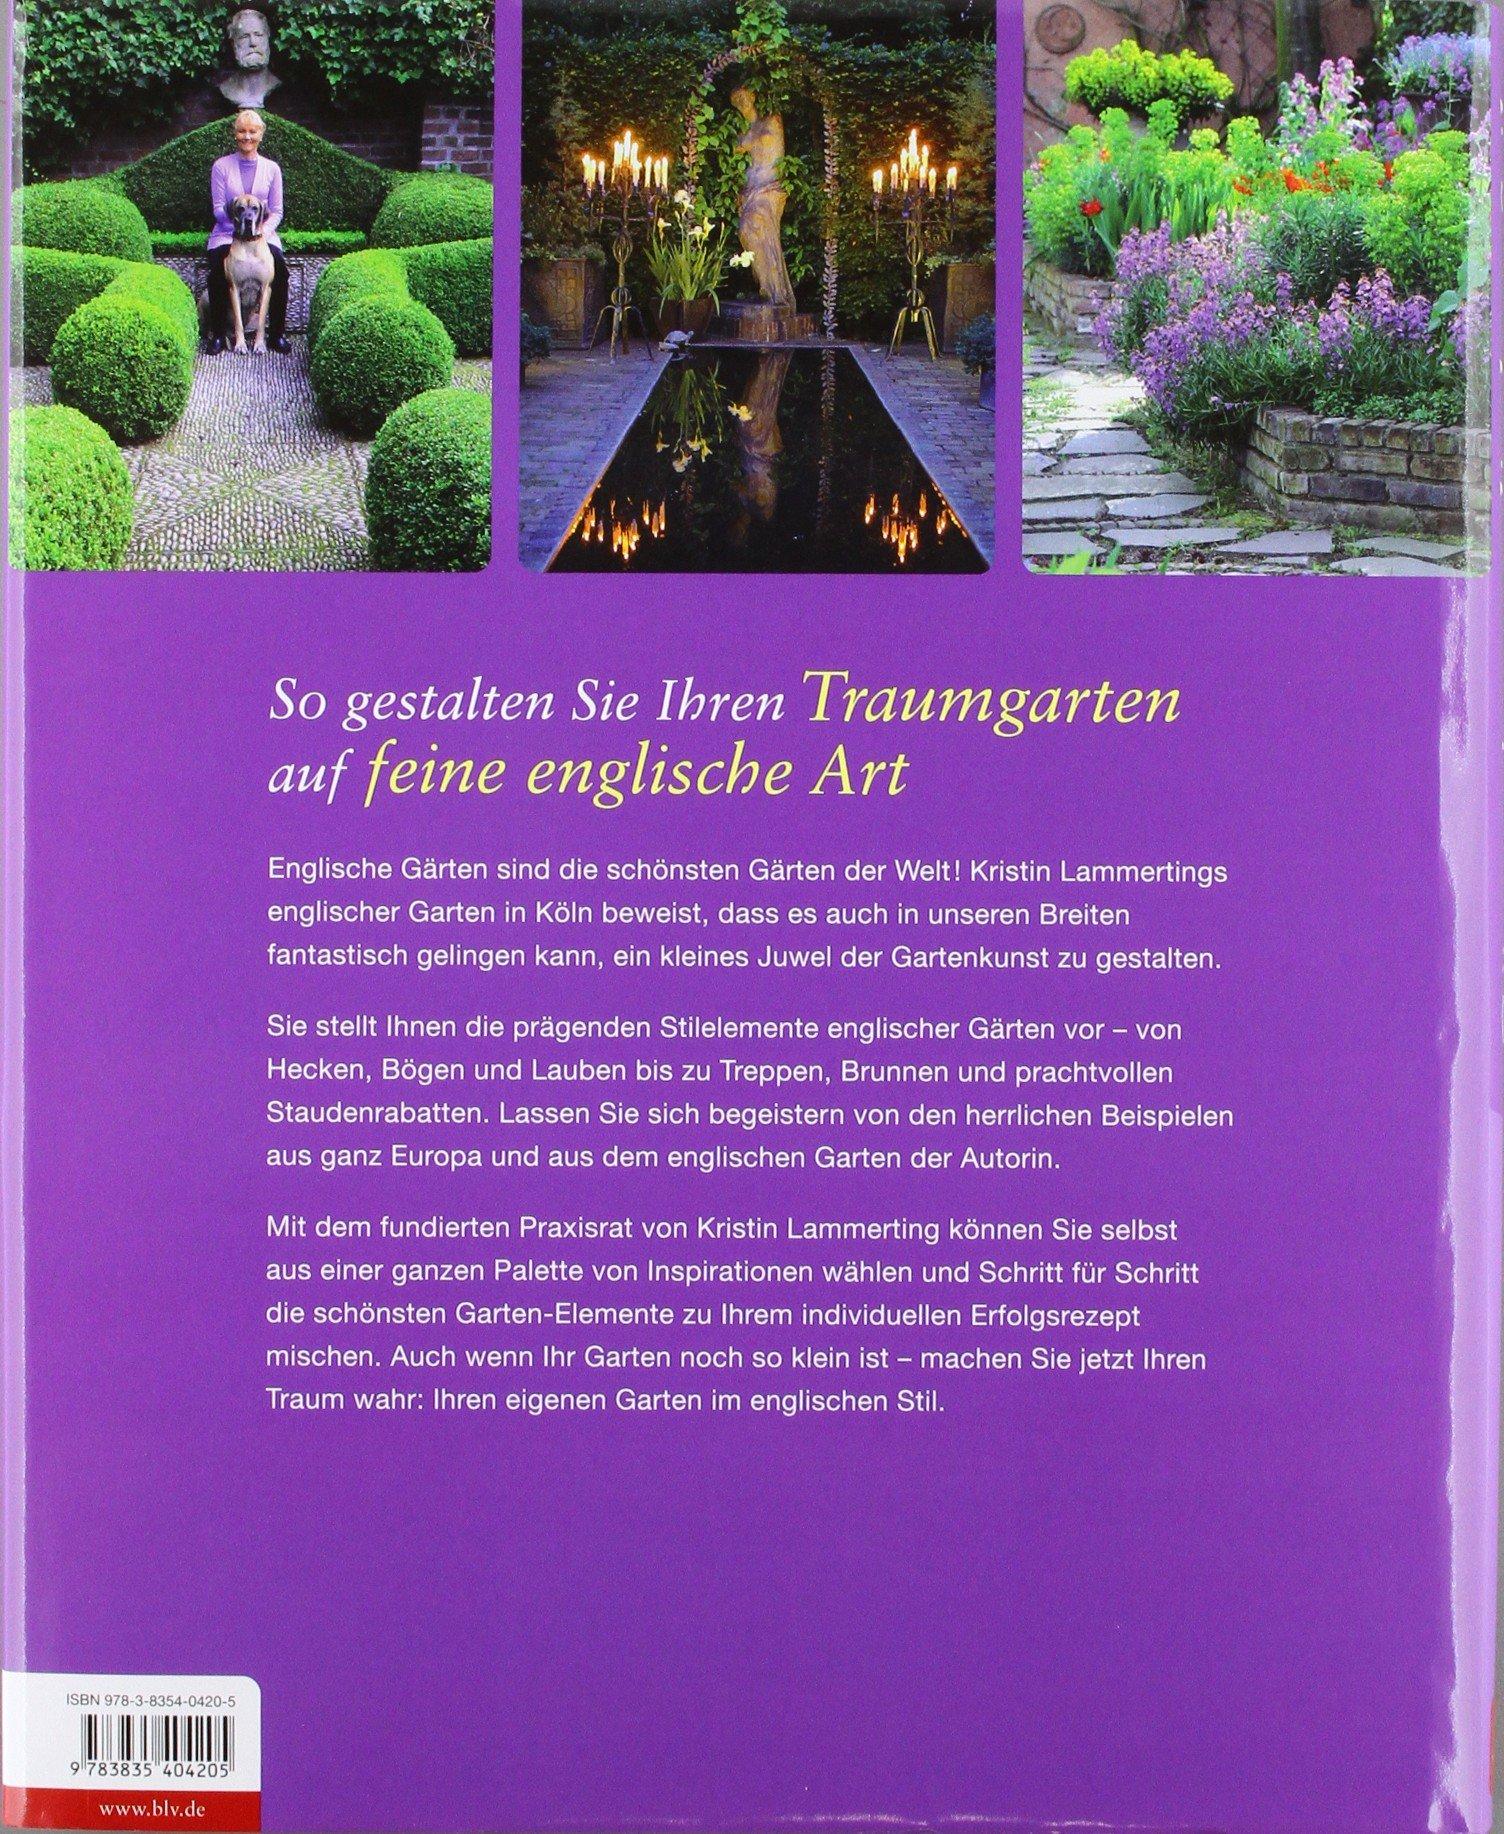 Gärten Im Englischen Stil: Inspiration Und Praxis: Amazon.de: Kristin  Lammerting: Bücher